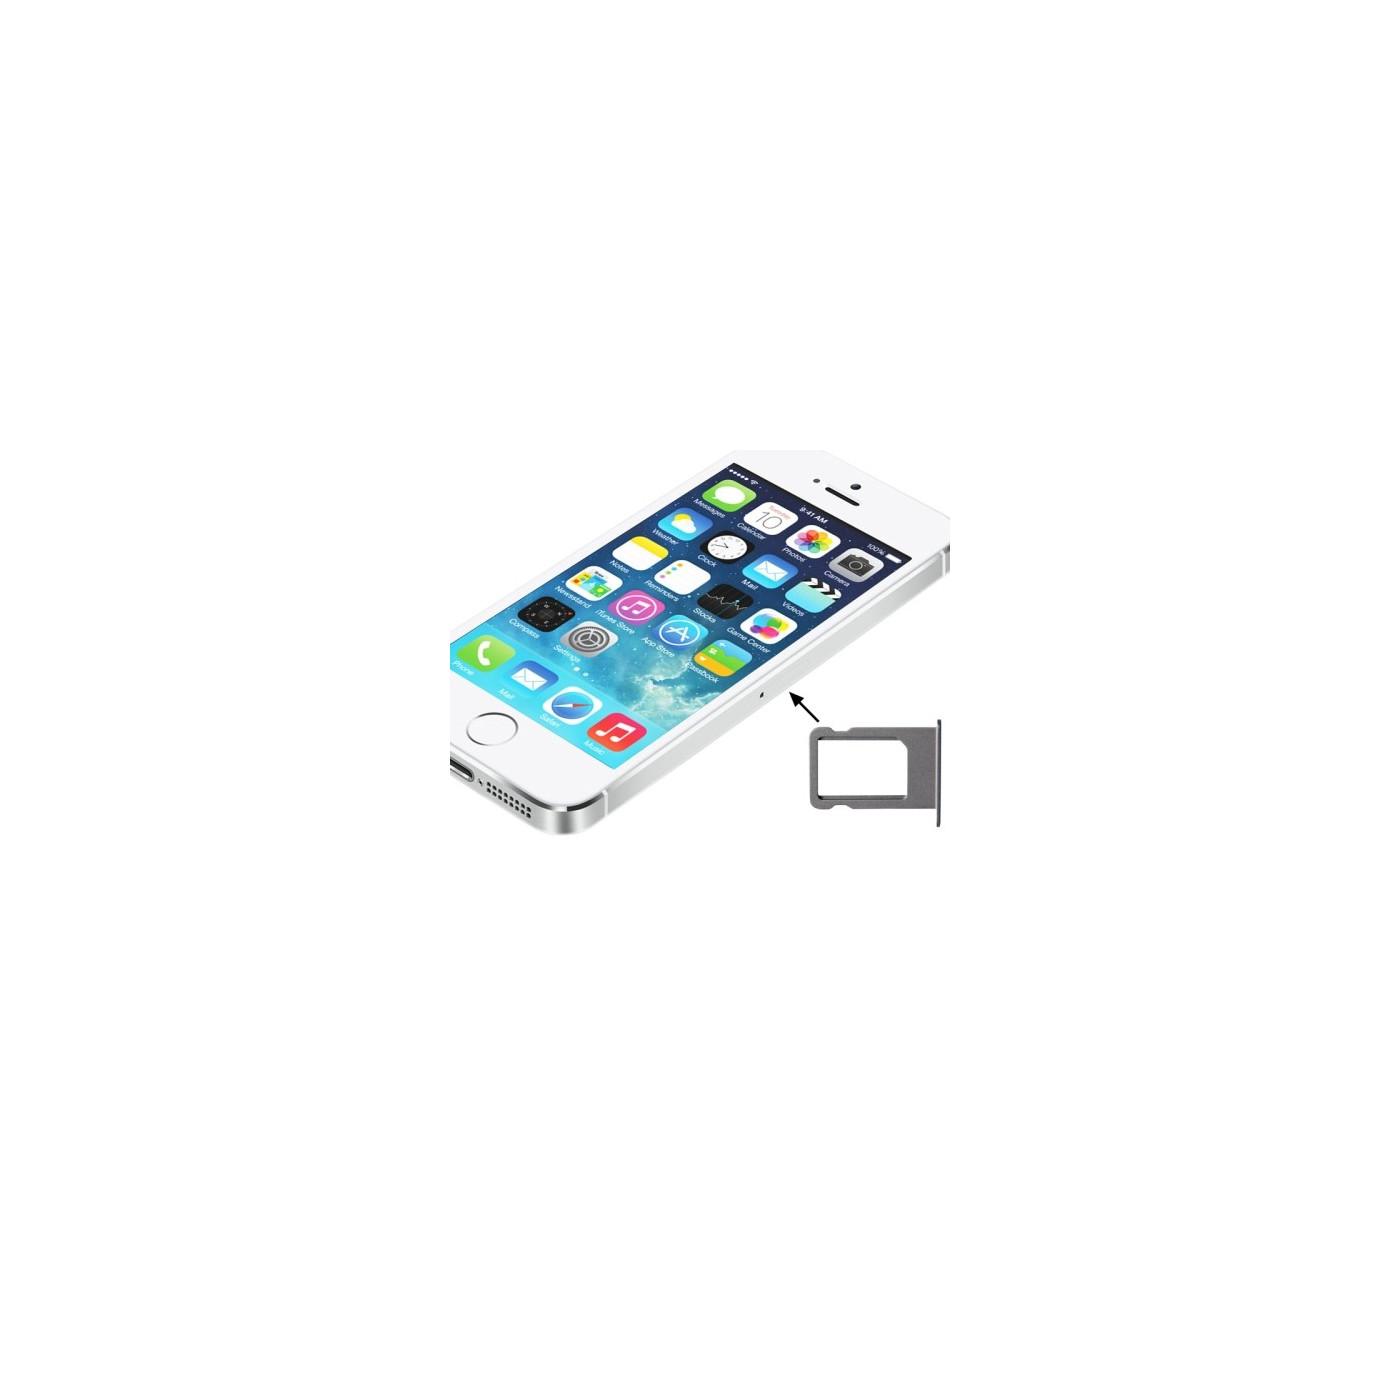 SOPORTE TARJETA SIM iPhone 5S SLOT SLIT TROLLEY BANDEJA PLATA BANDEJA